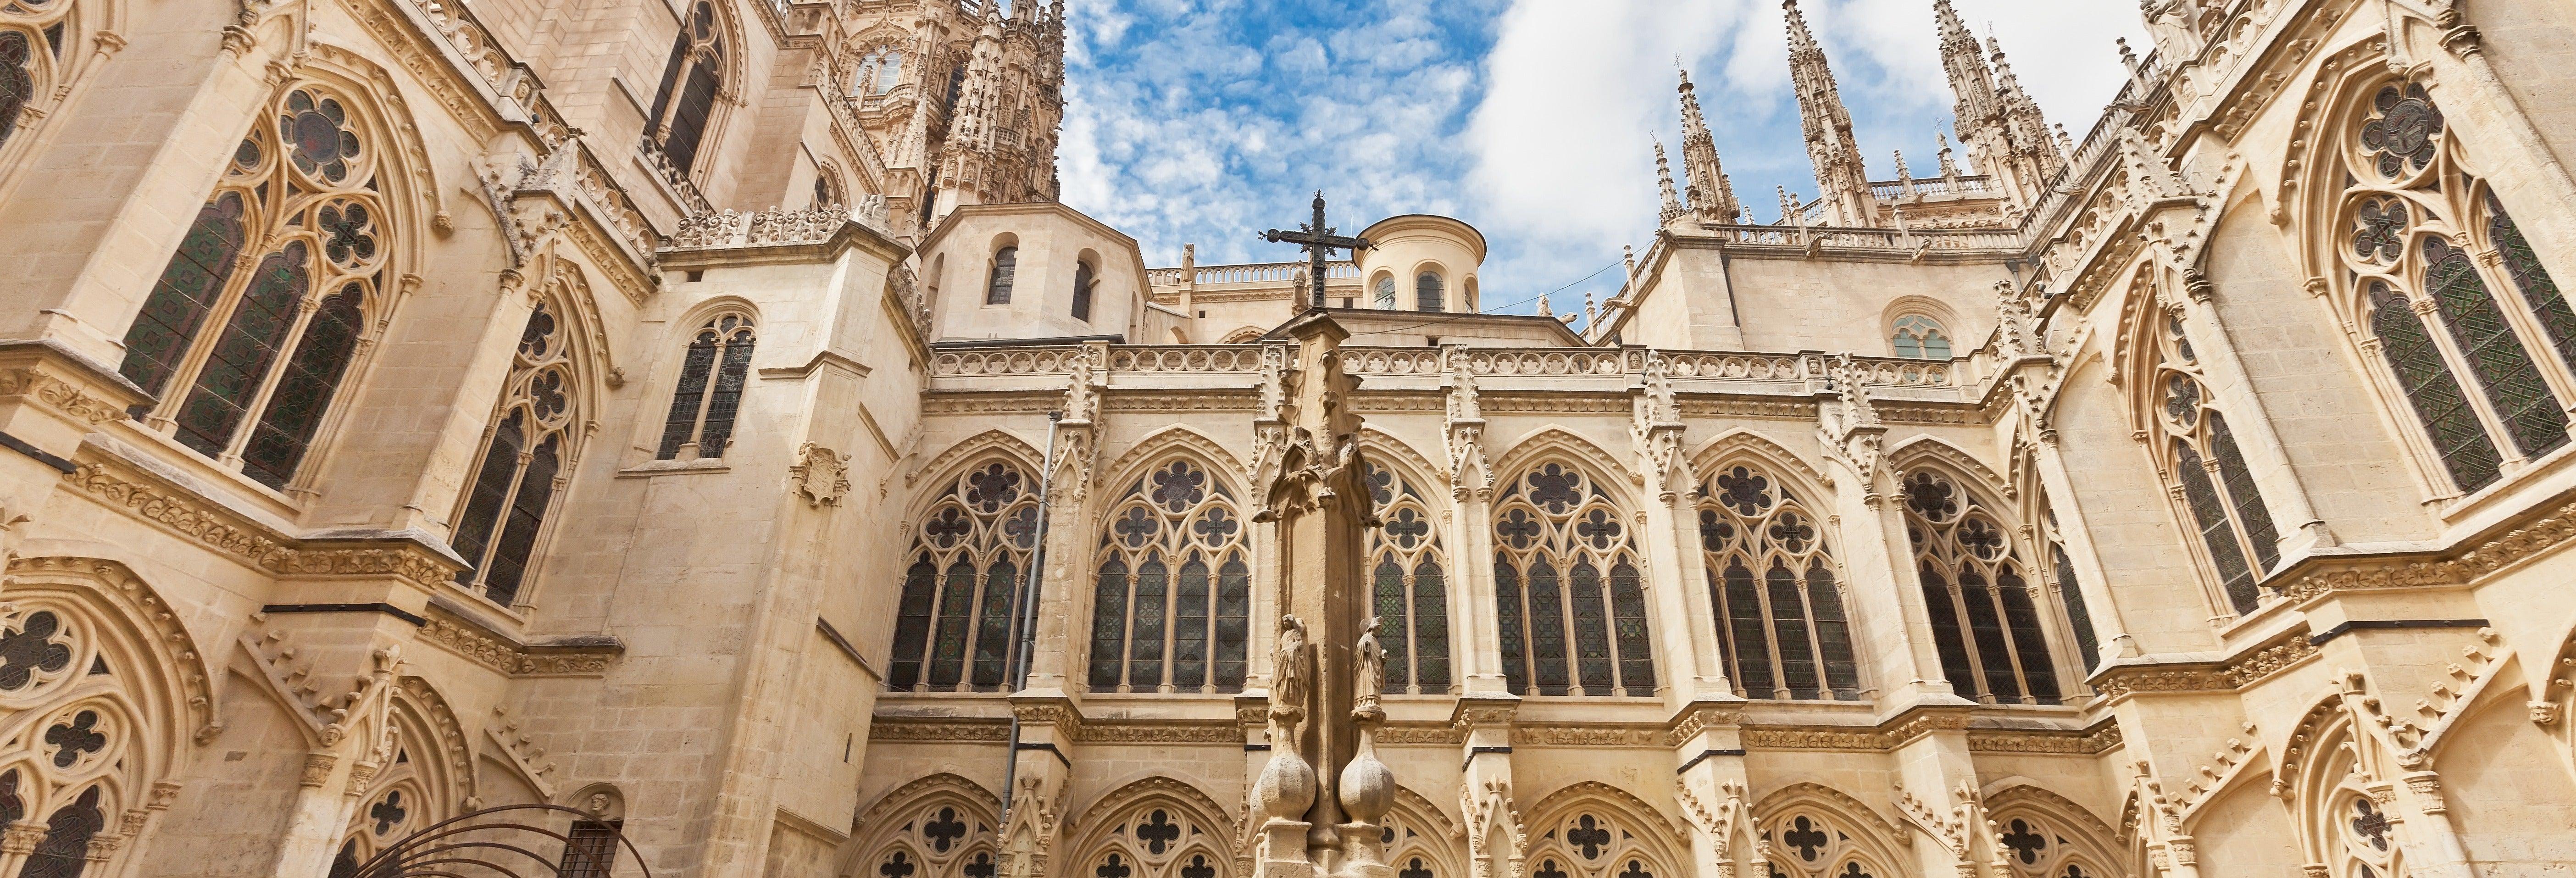 Visita guiada pela catedral de Burgos